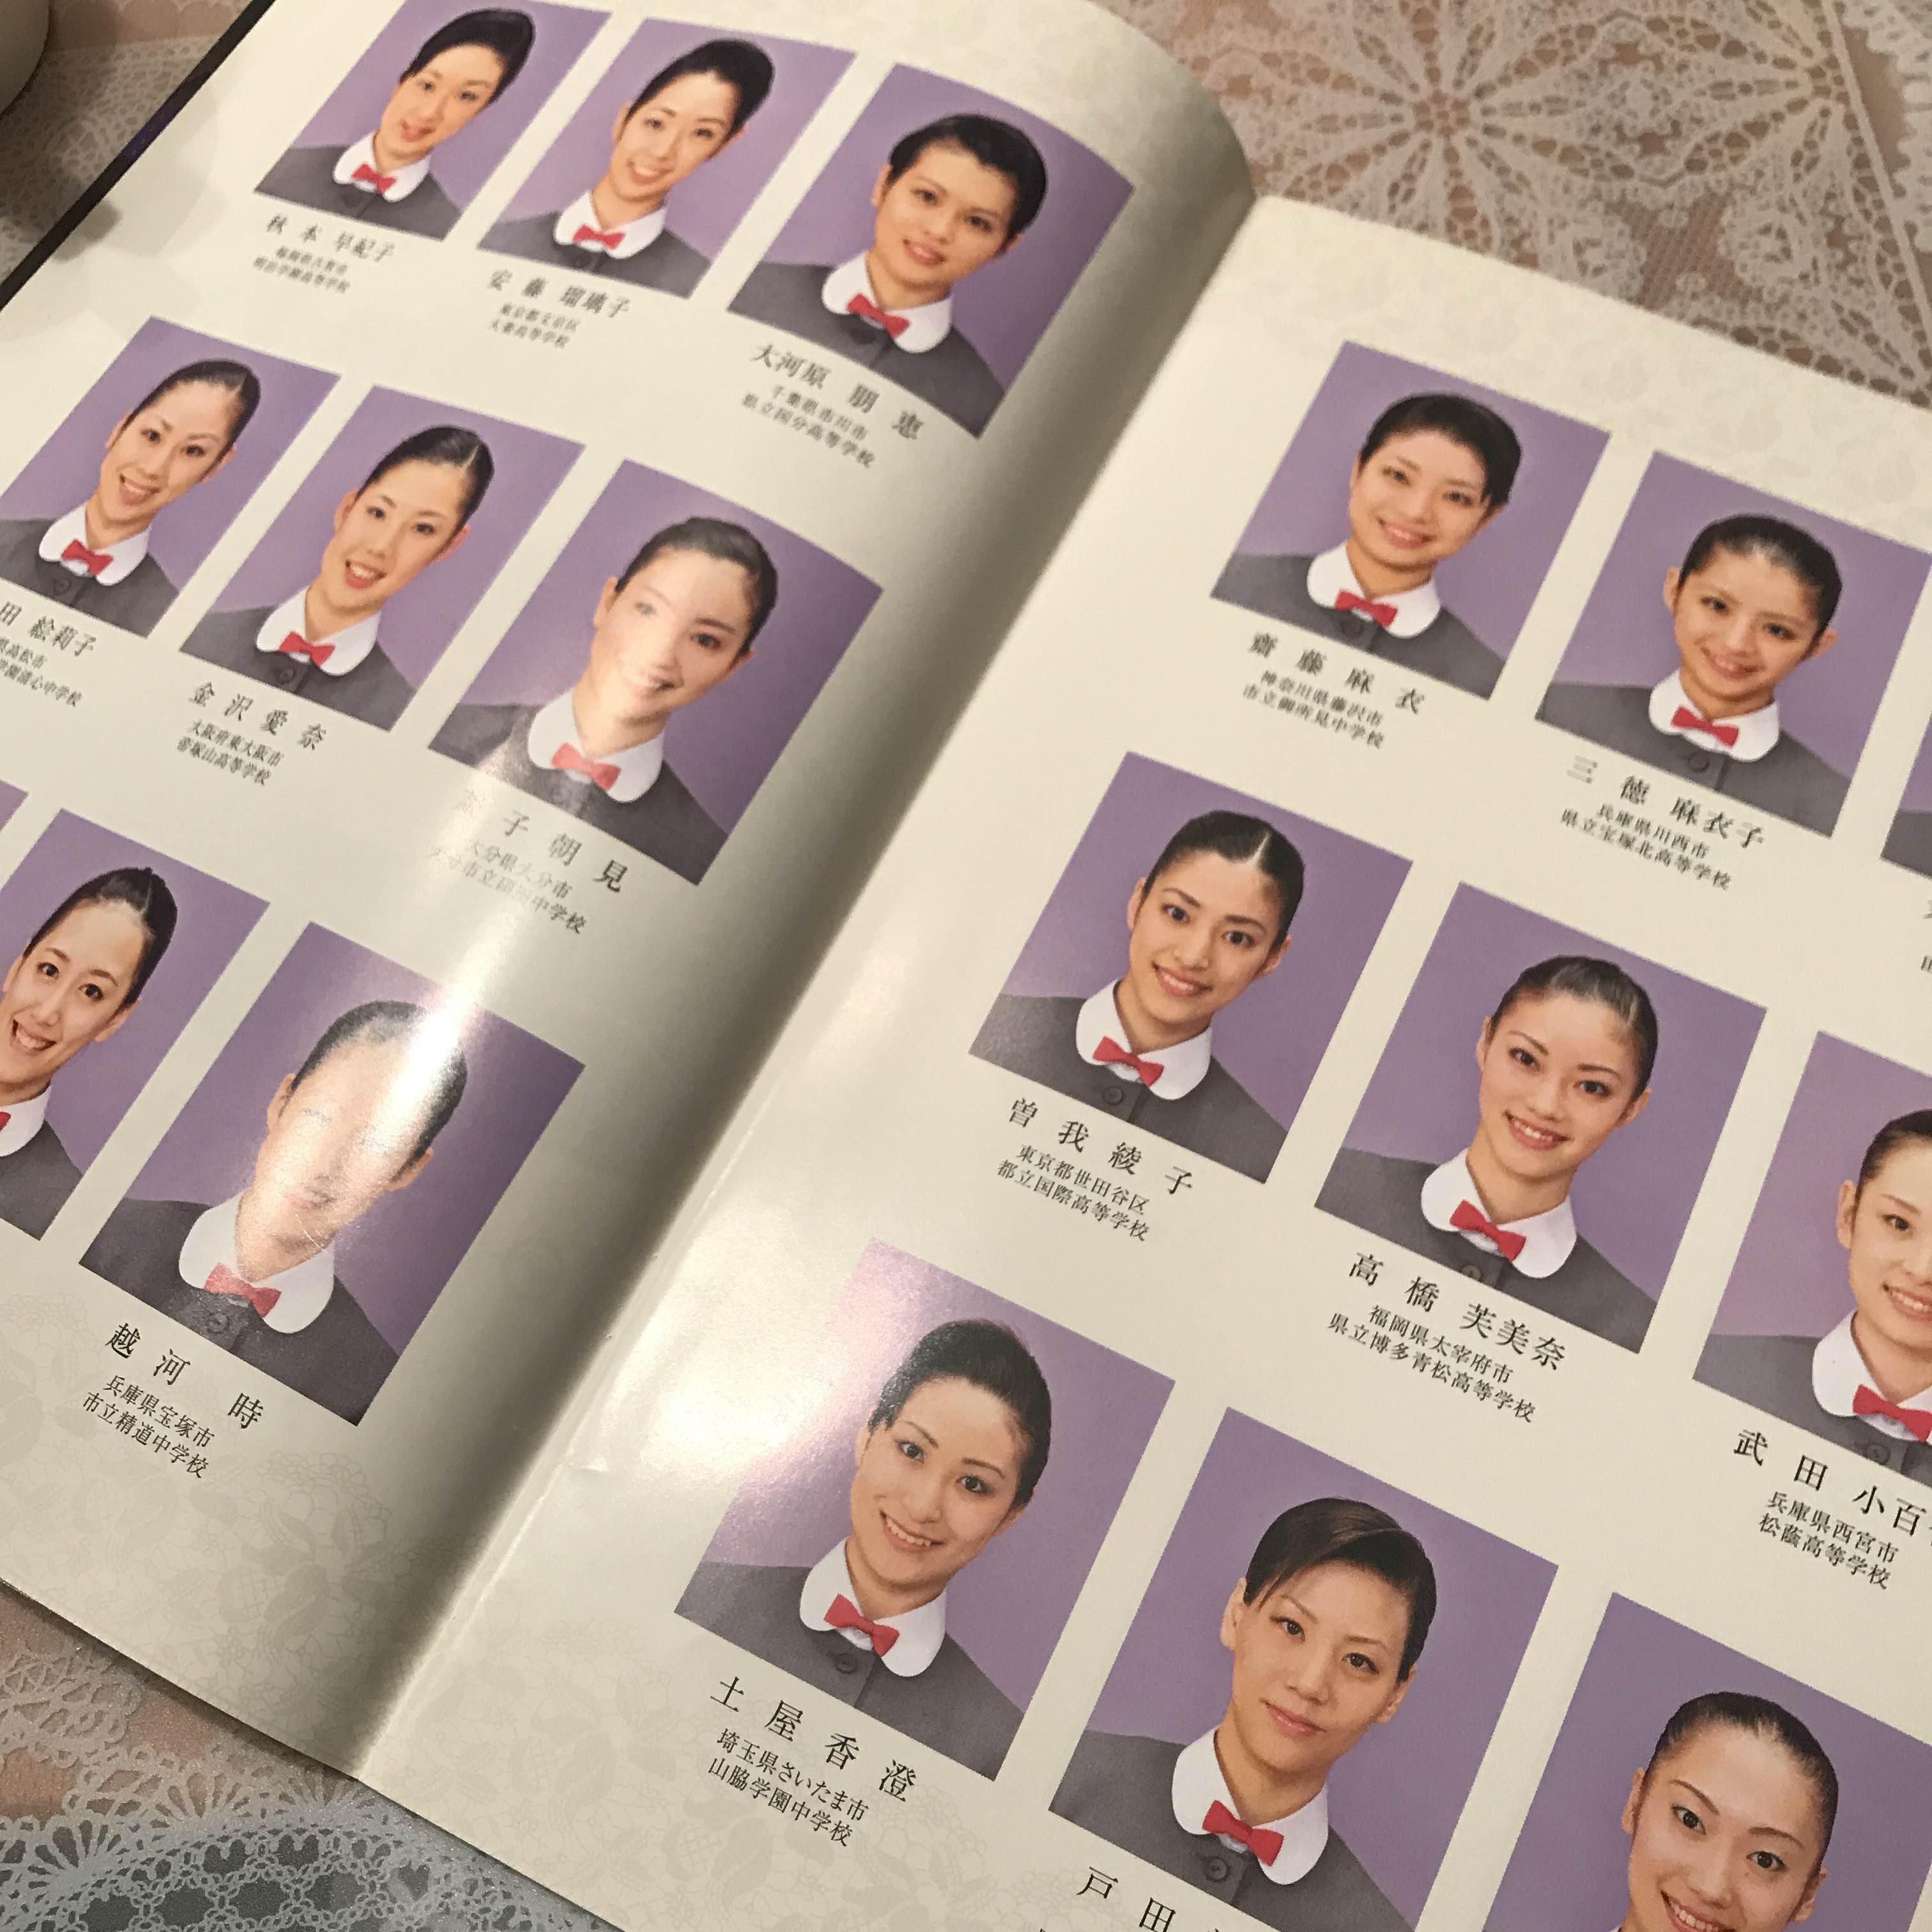 「96期生 宝塚」の画像検索結果